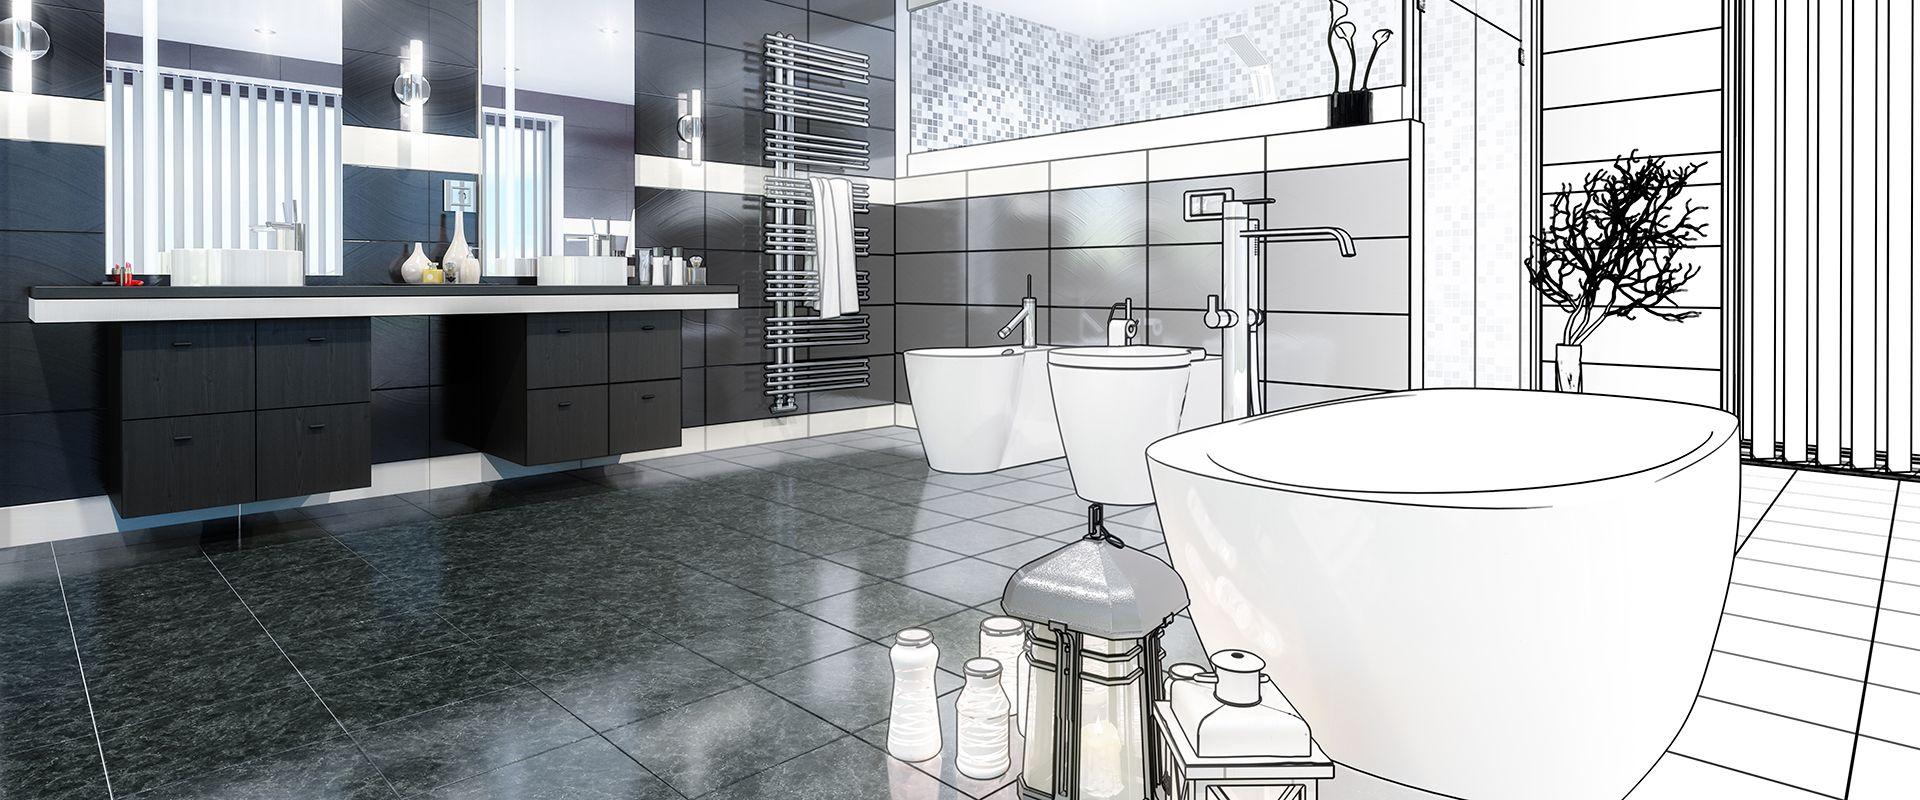 Badplaner Top25 Online Planer Software Programme Apps In 2020 Badgestaltung Luxus Badezimmer Bodengestaltung